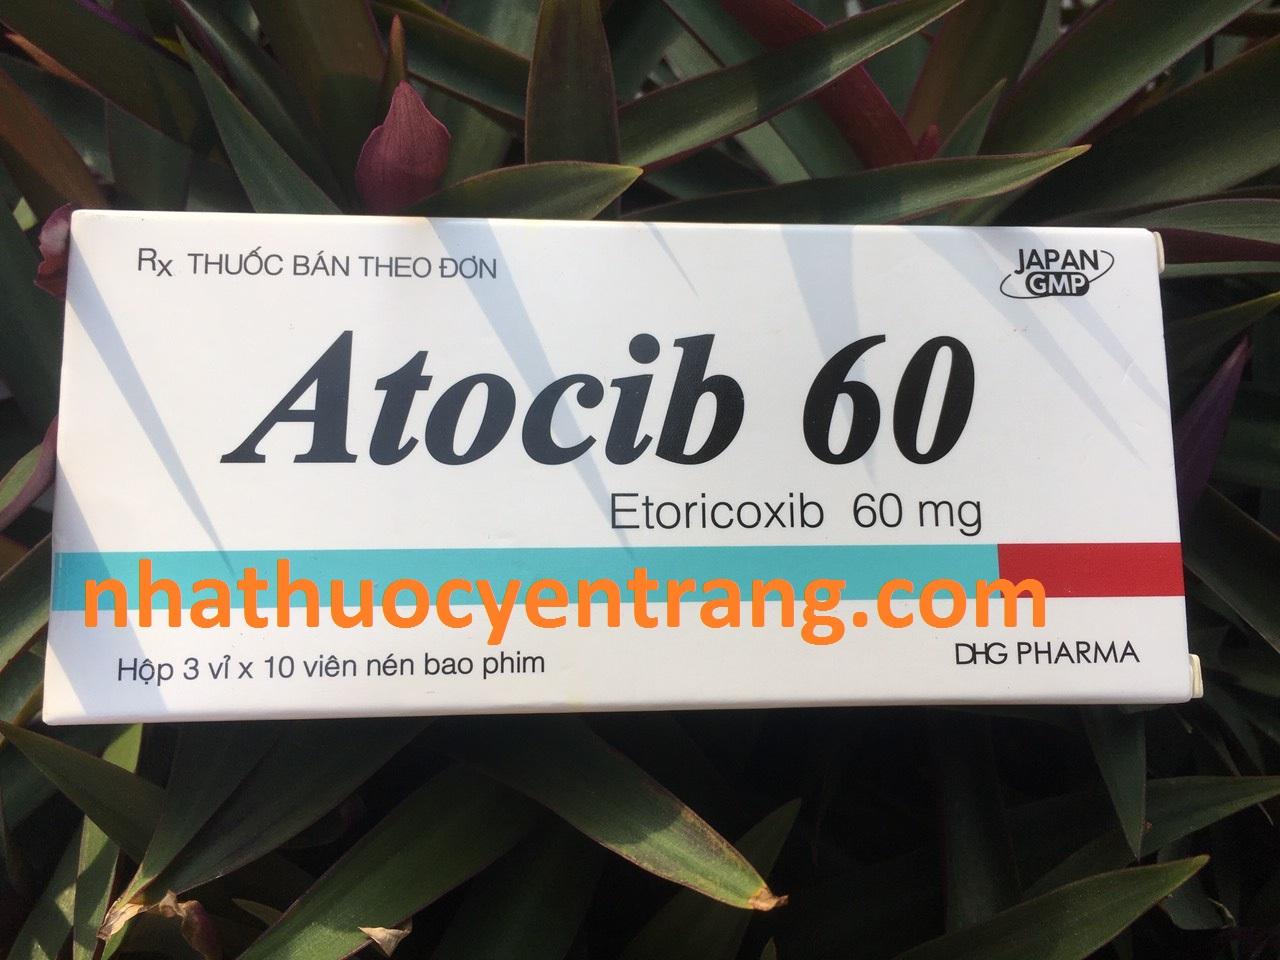 Atocib 60mg